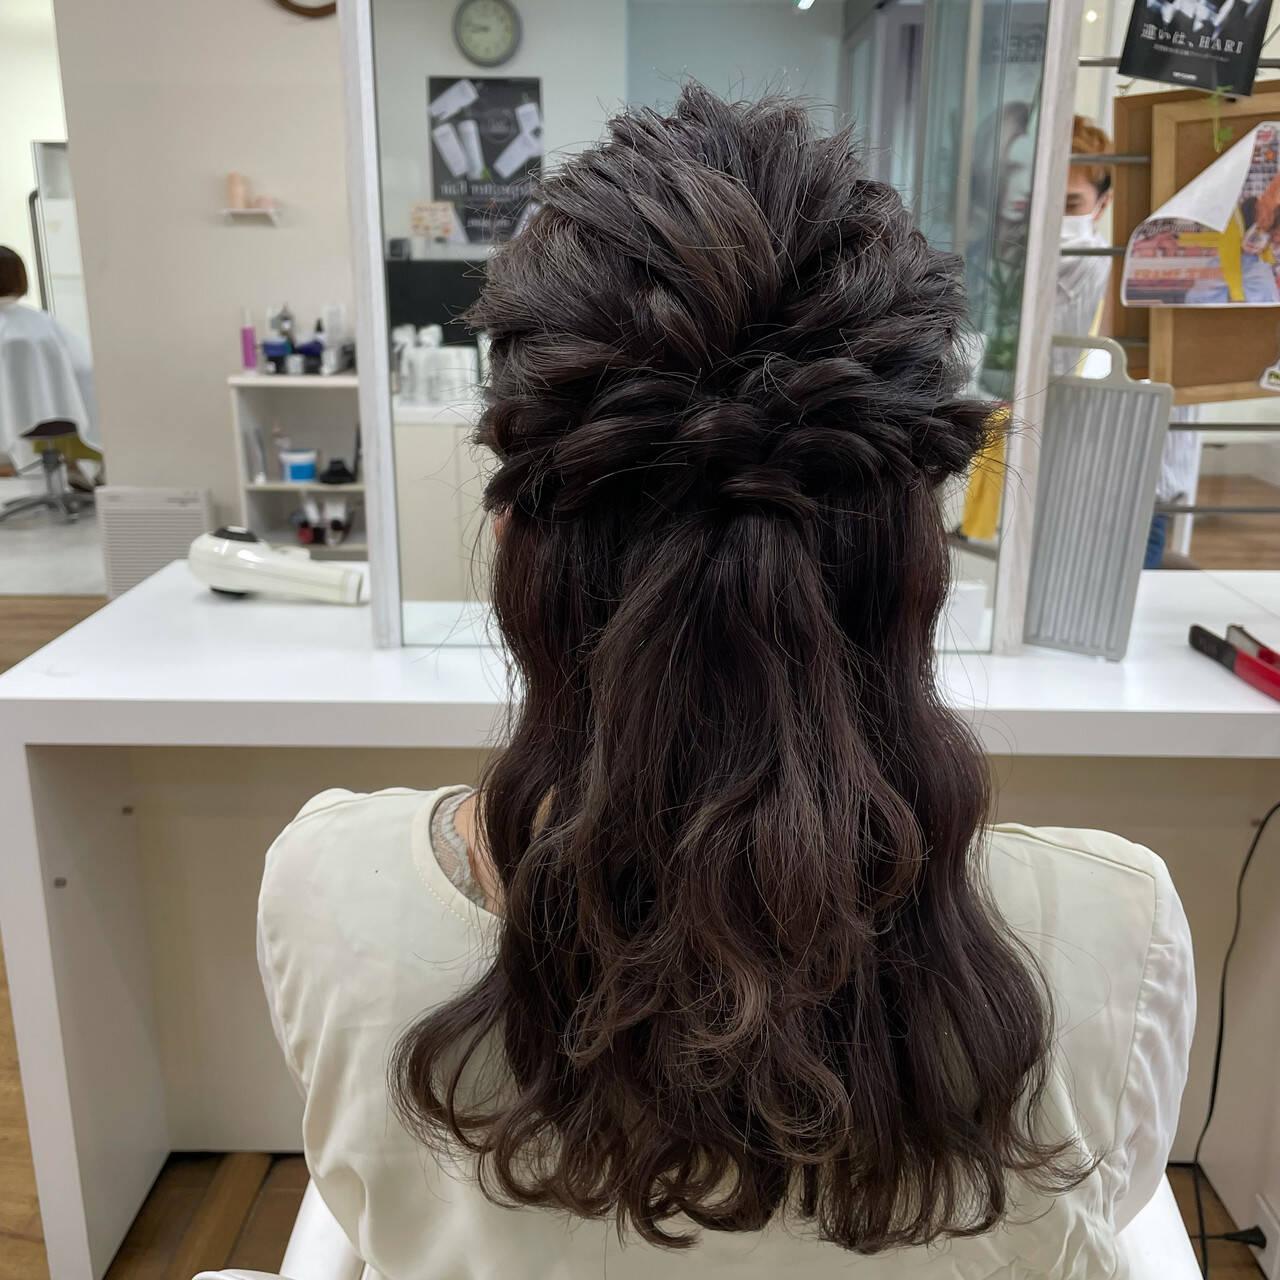 結婚式アレンジ ヘアアレンジ 簡単ヘアアレンジ ハーフアップヘアスタイルや髪型の写真・画像